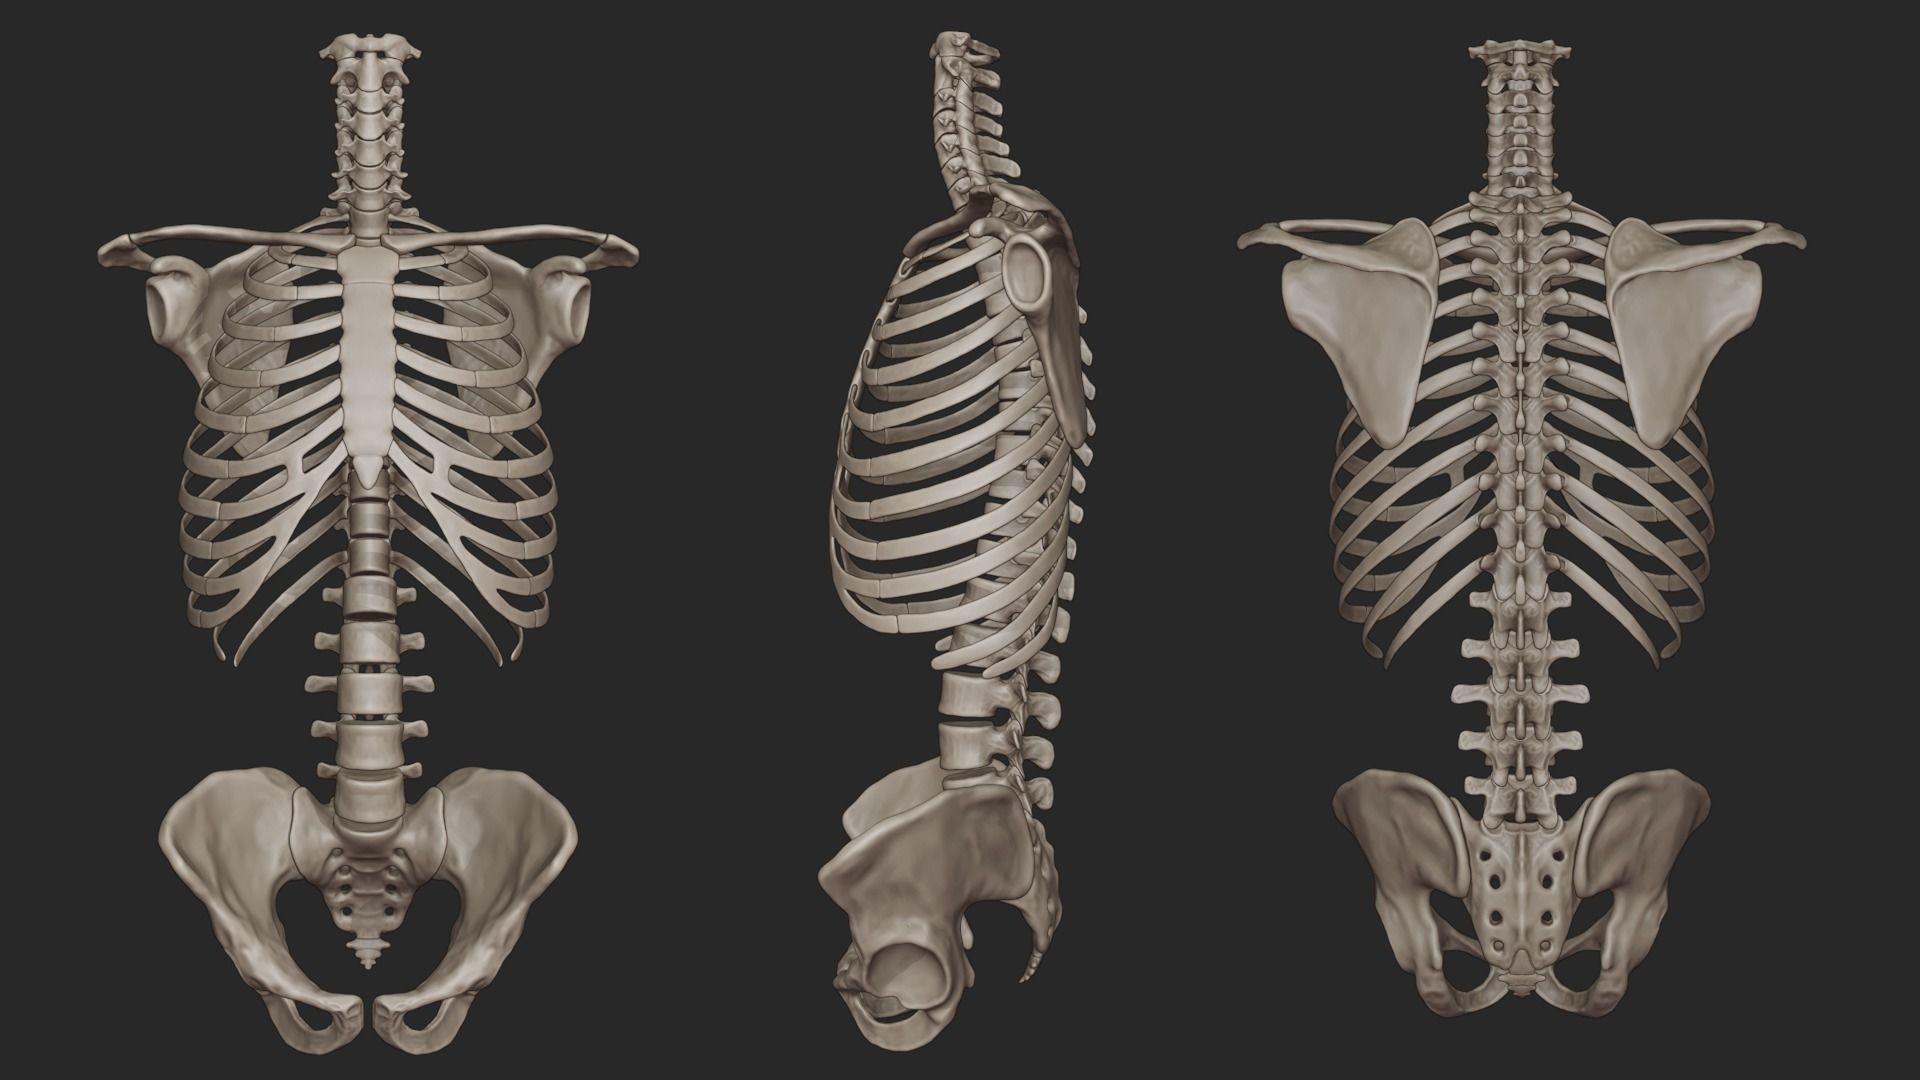 Human Skeletal Torso High Poly